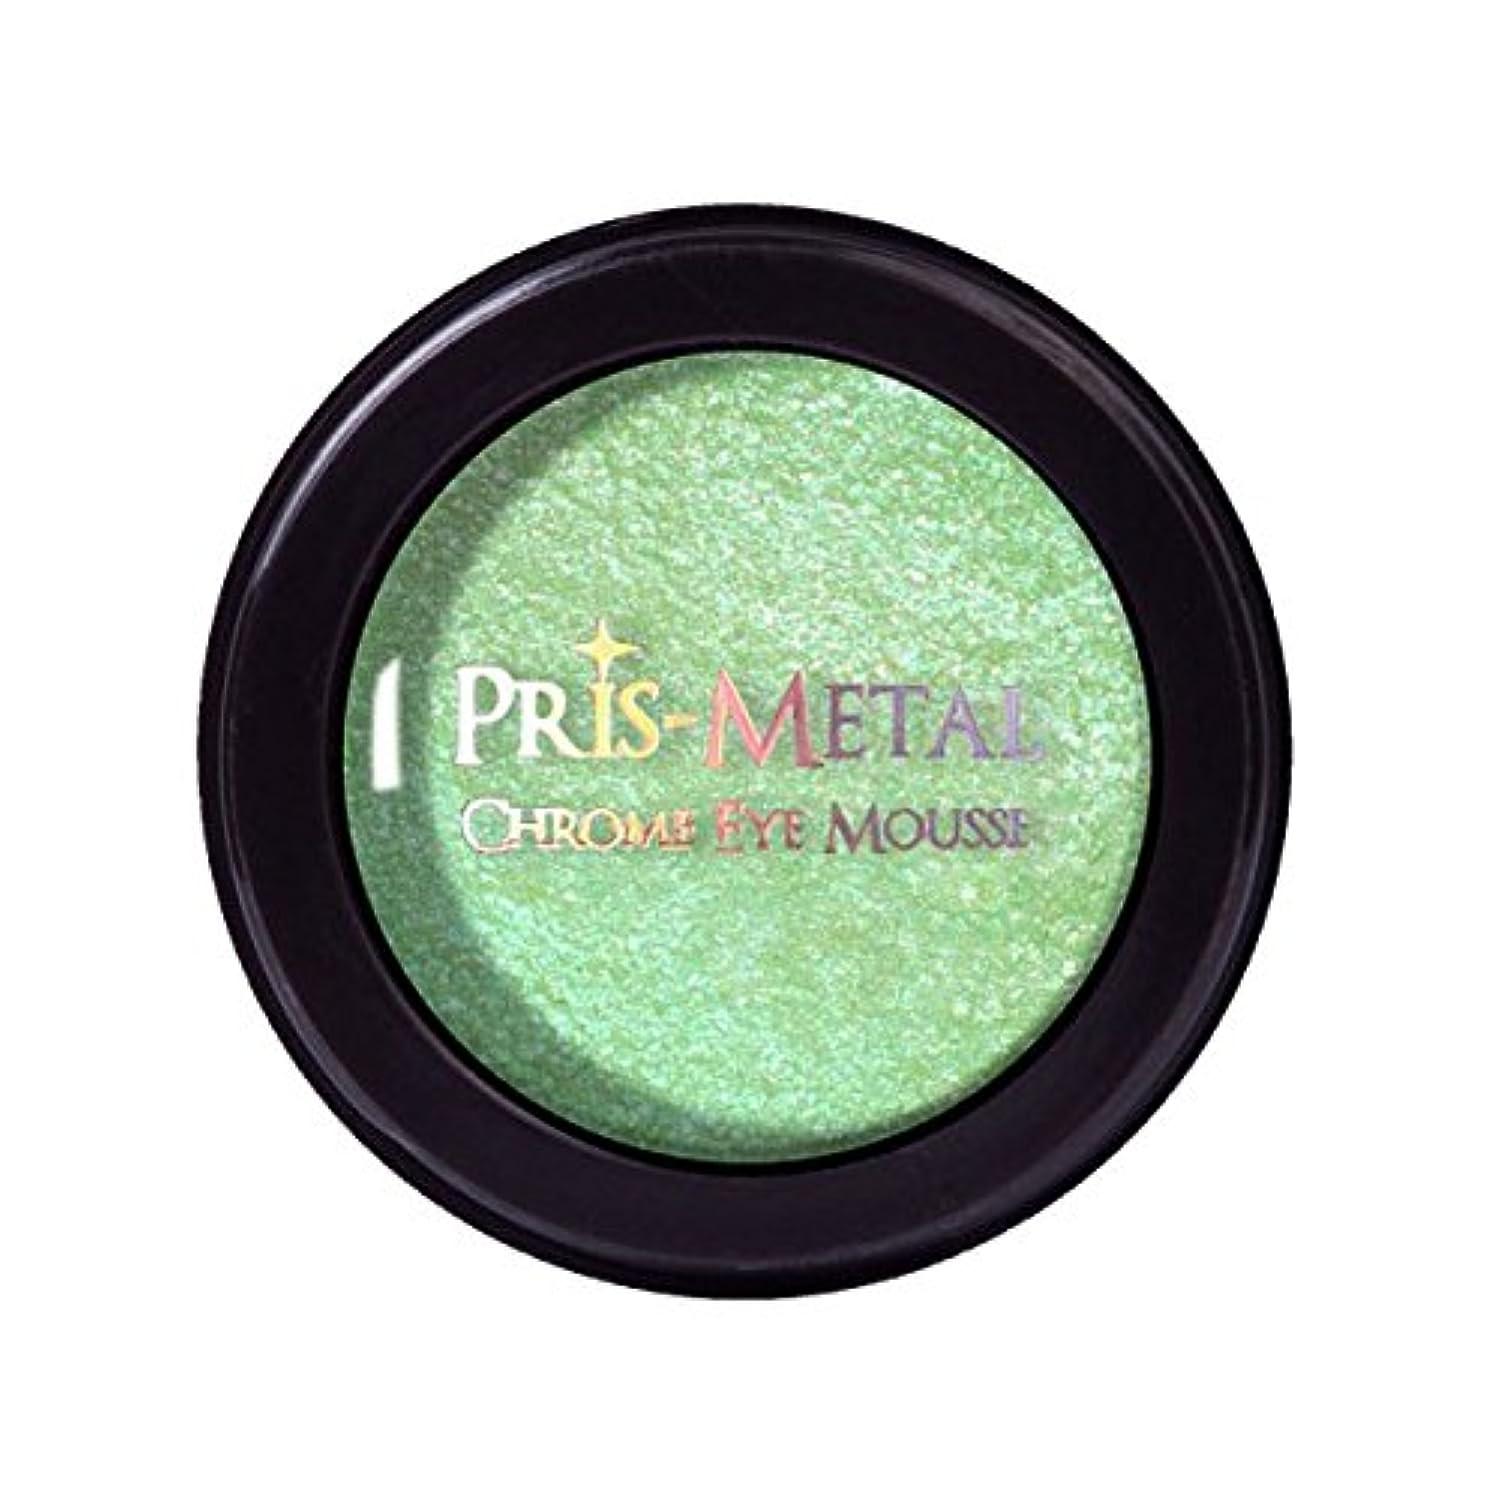 ベル耐久よりJ. CAT BEAUTY Pris-Metal Chrome Eye Mousse - Pixie Dust (並行輸入品)